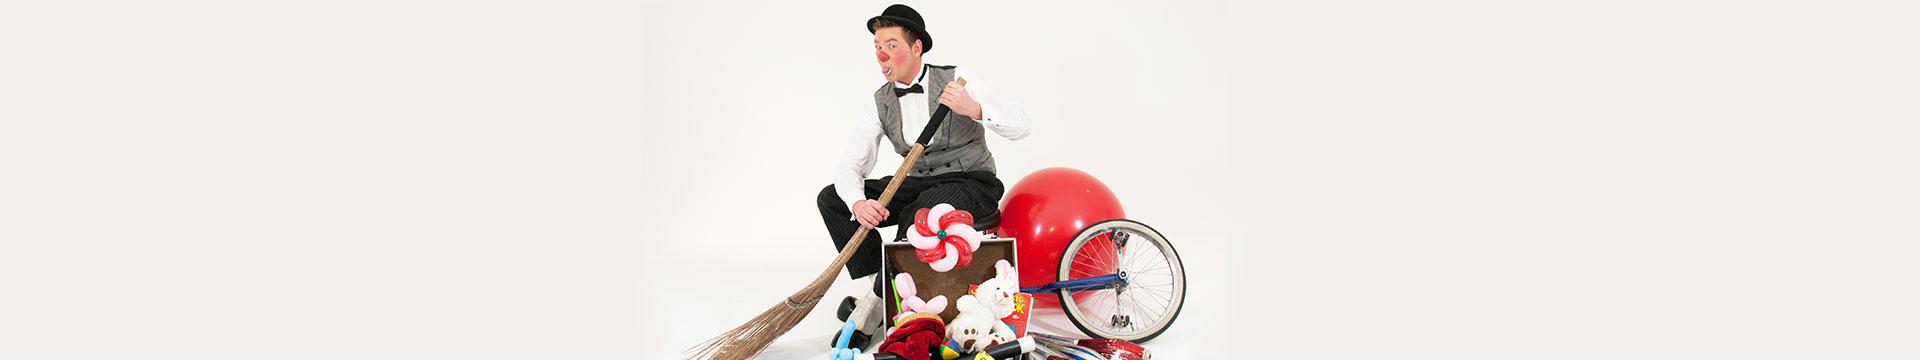 Kindershow met Clown Lex te boeken bij Clown.nl